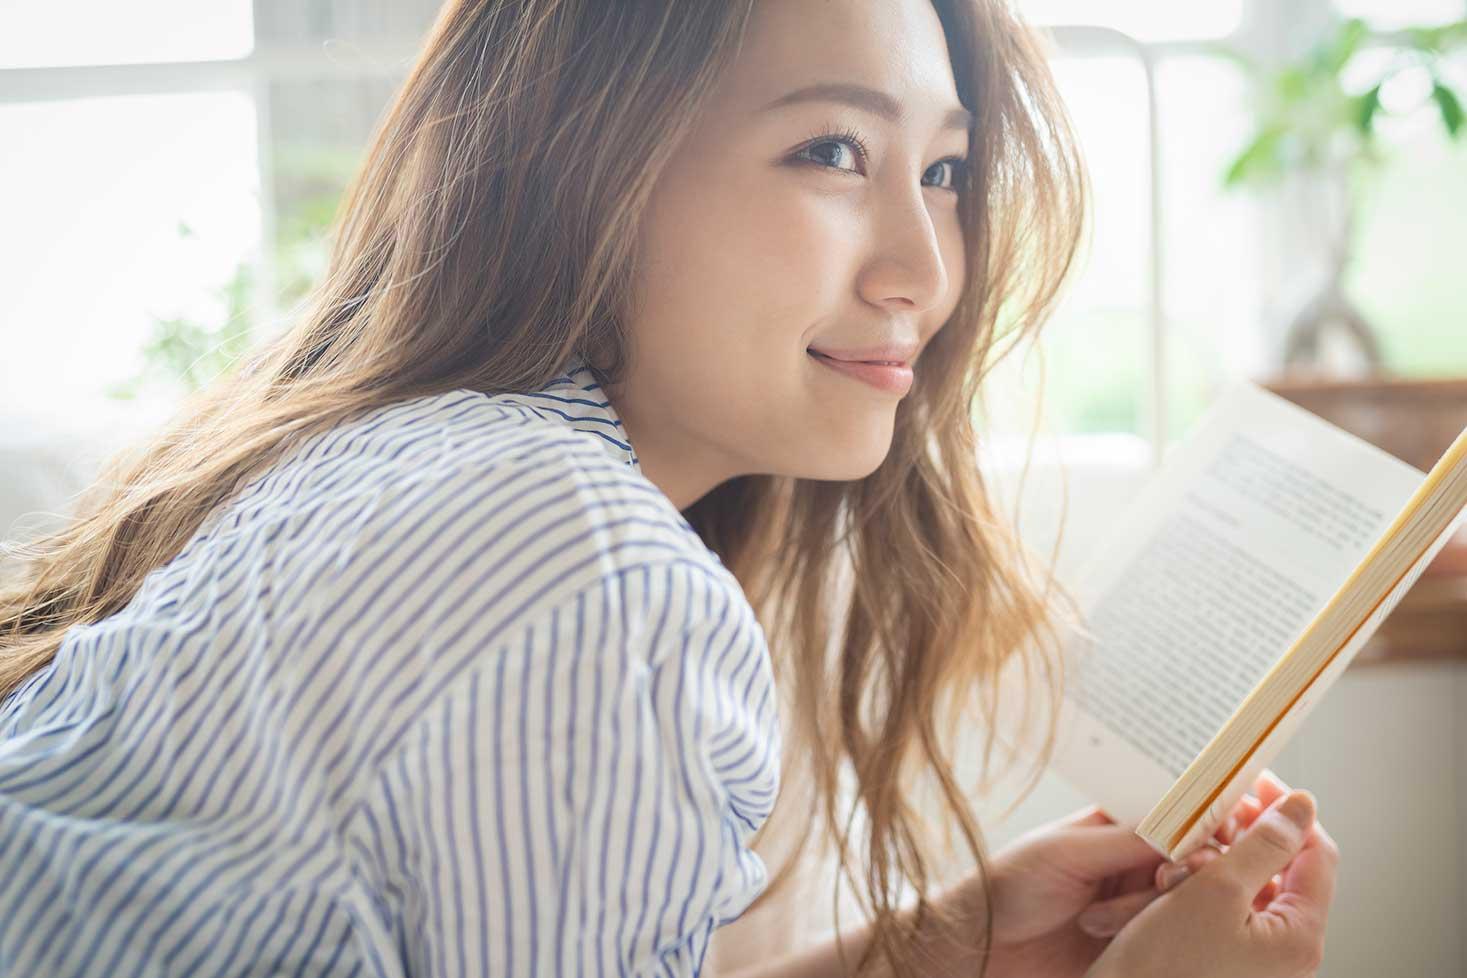 楽しみながらストレス解消!読書や映画を趣味にしてみよう!